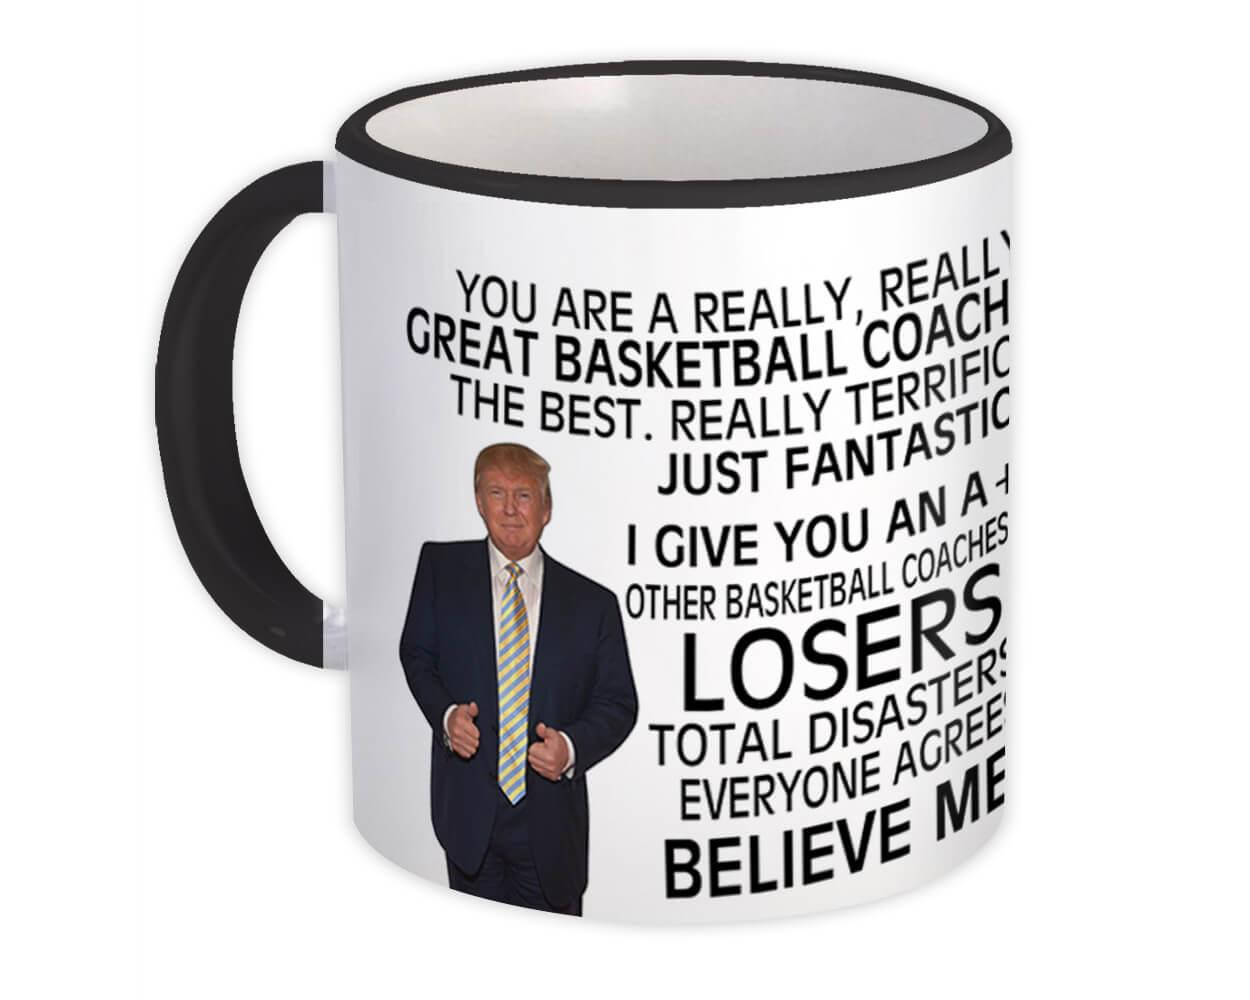 Gift for Basketball Coach : Gift Mug Donald Trump Great Basketball Coach Funny Christmas